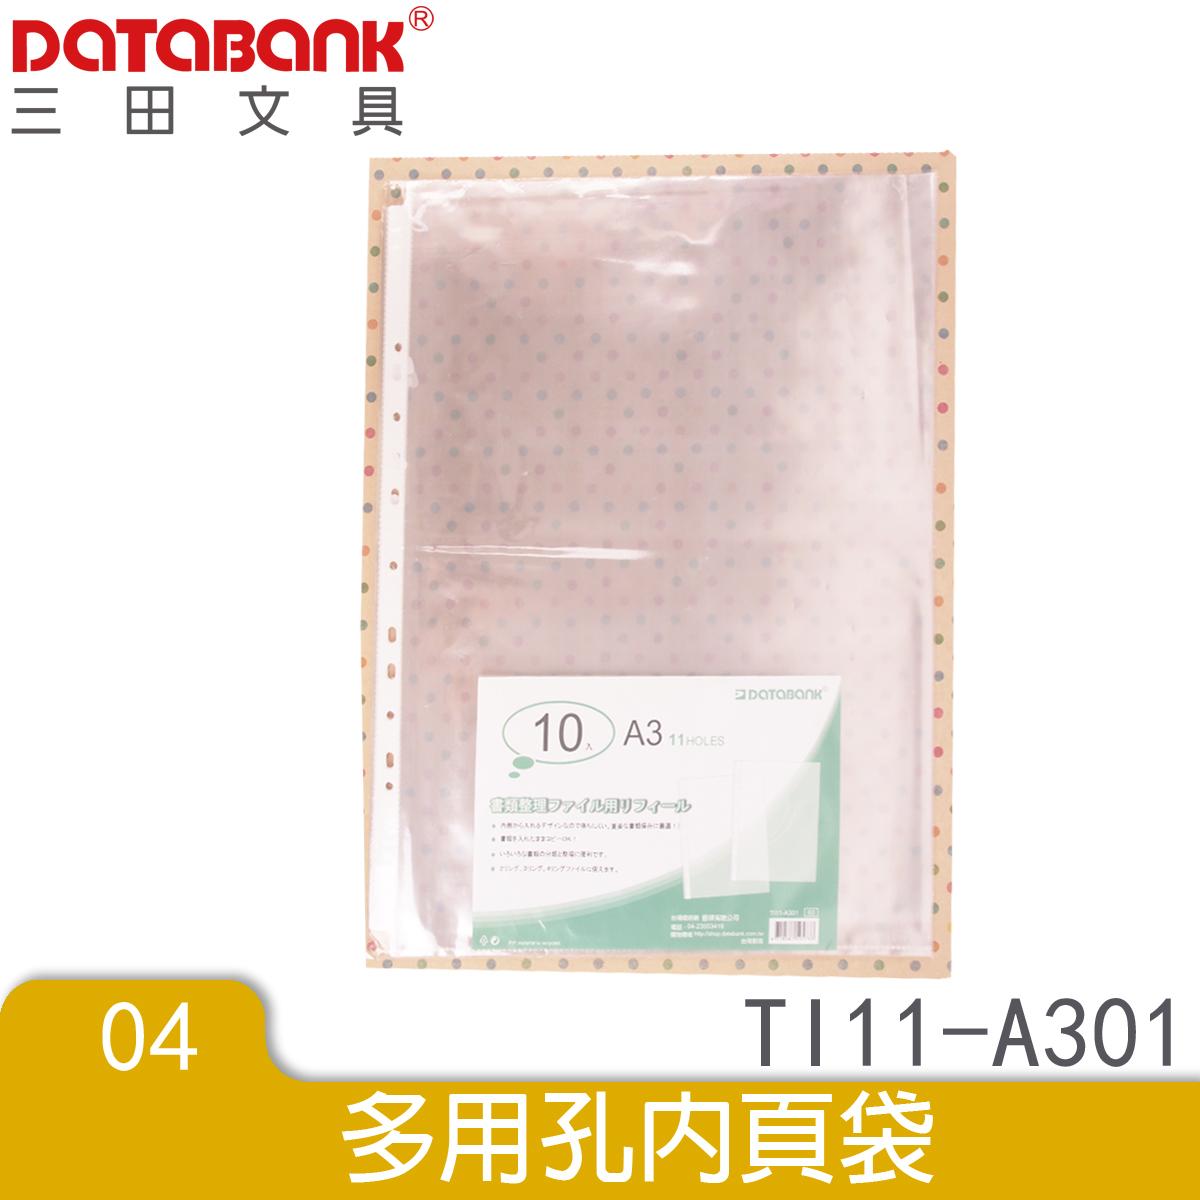 A3 11孔10頁資料袋(TI11-A301) 另有筆記用紙 手札 手冊 記事本 memo 文件紀錄紙 三田文具 DATABANK